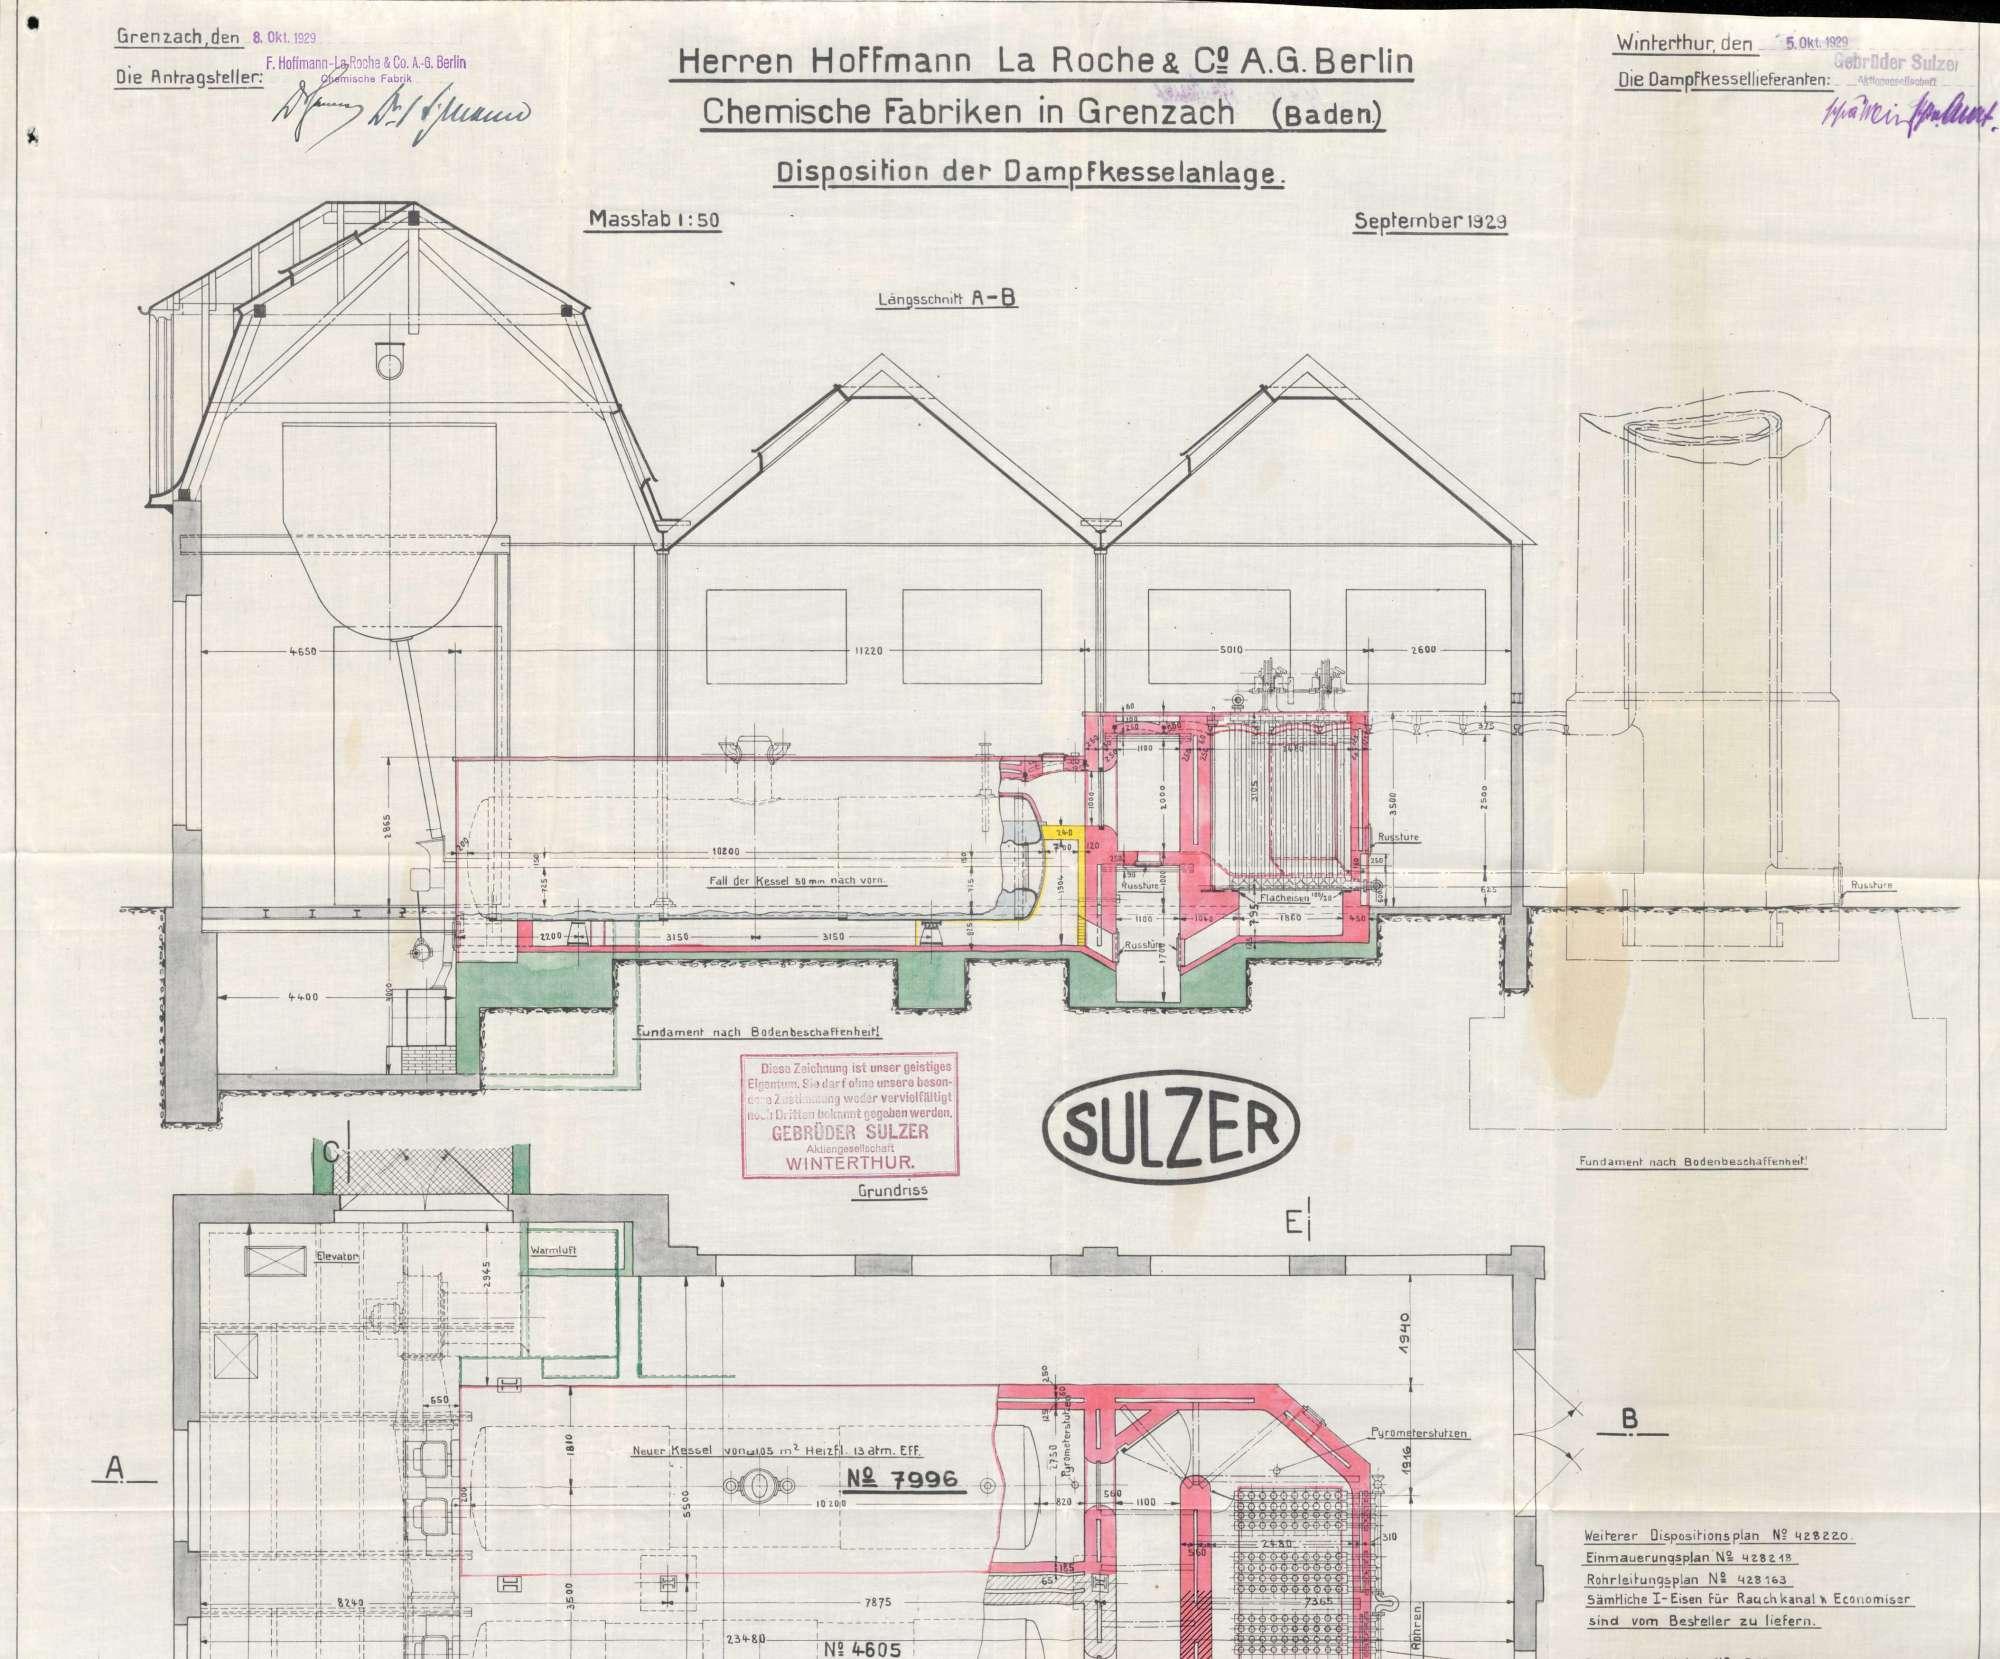 Gesuch der Fa. Hoffmann-La Roche in Grenzach um Erlaubnis zur Anlegung eines Dampfkessels, Bild 3